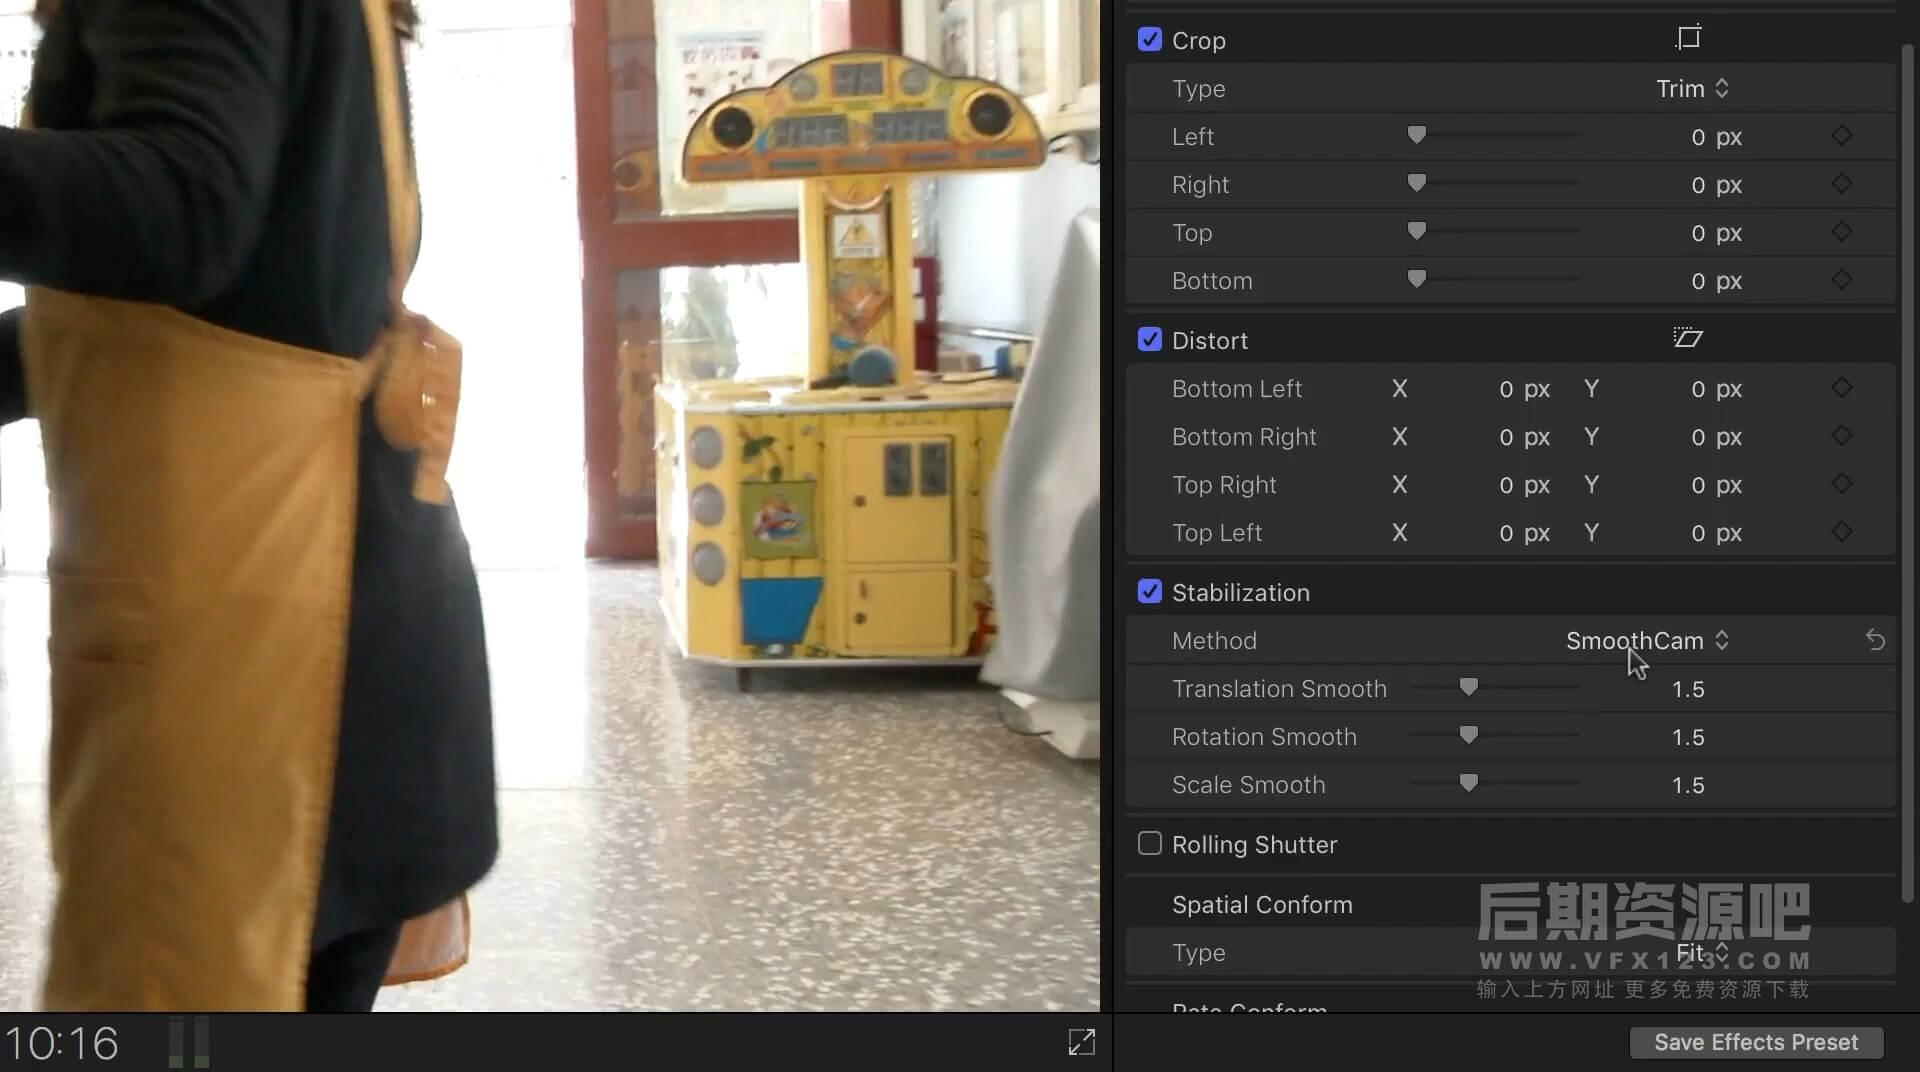 第60课:fcpx的稳定防抖功能介绍 优化抖动影片